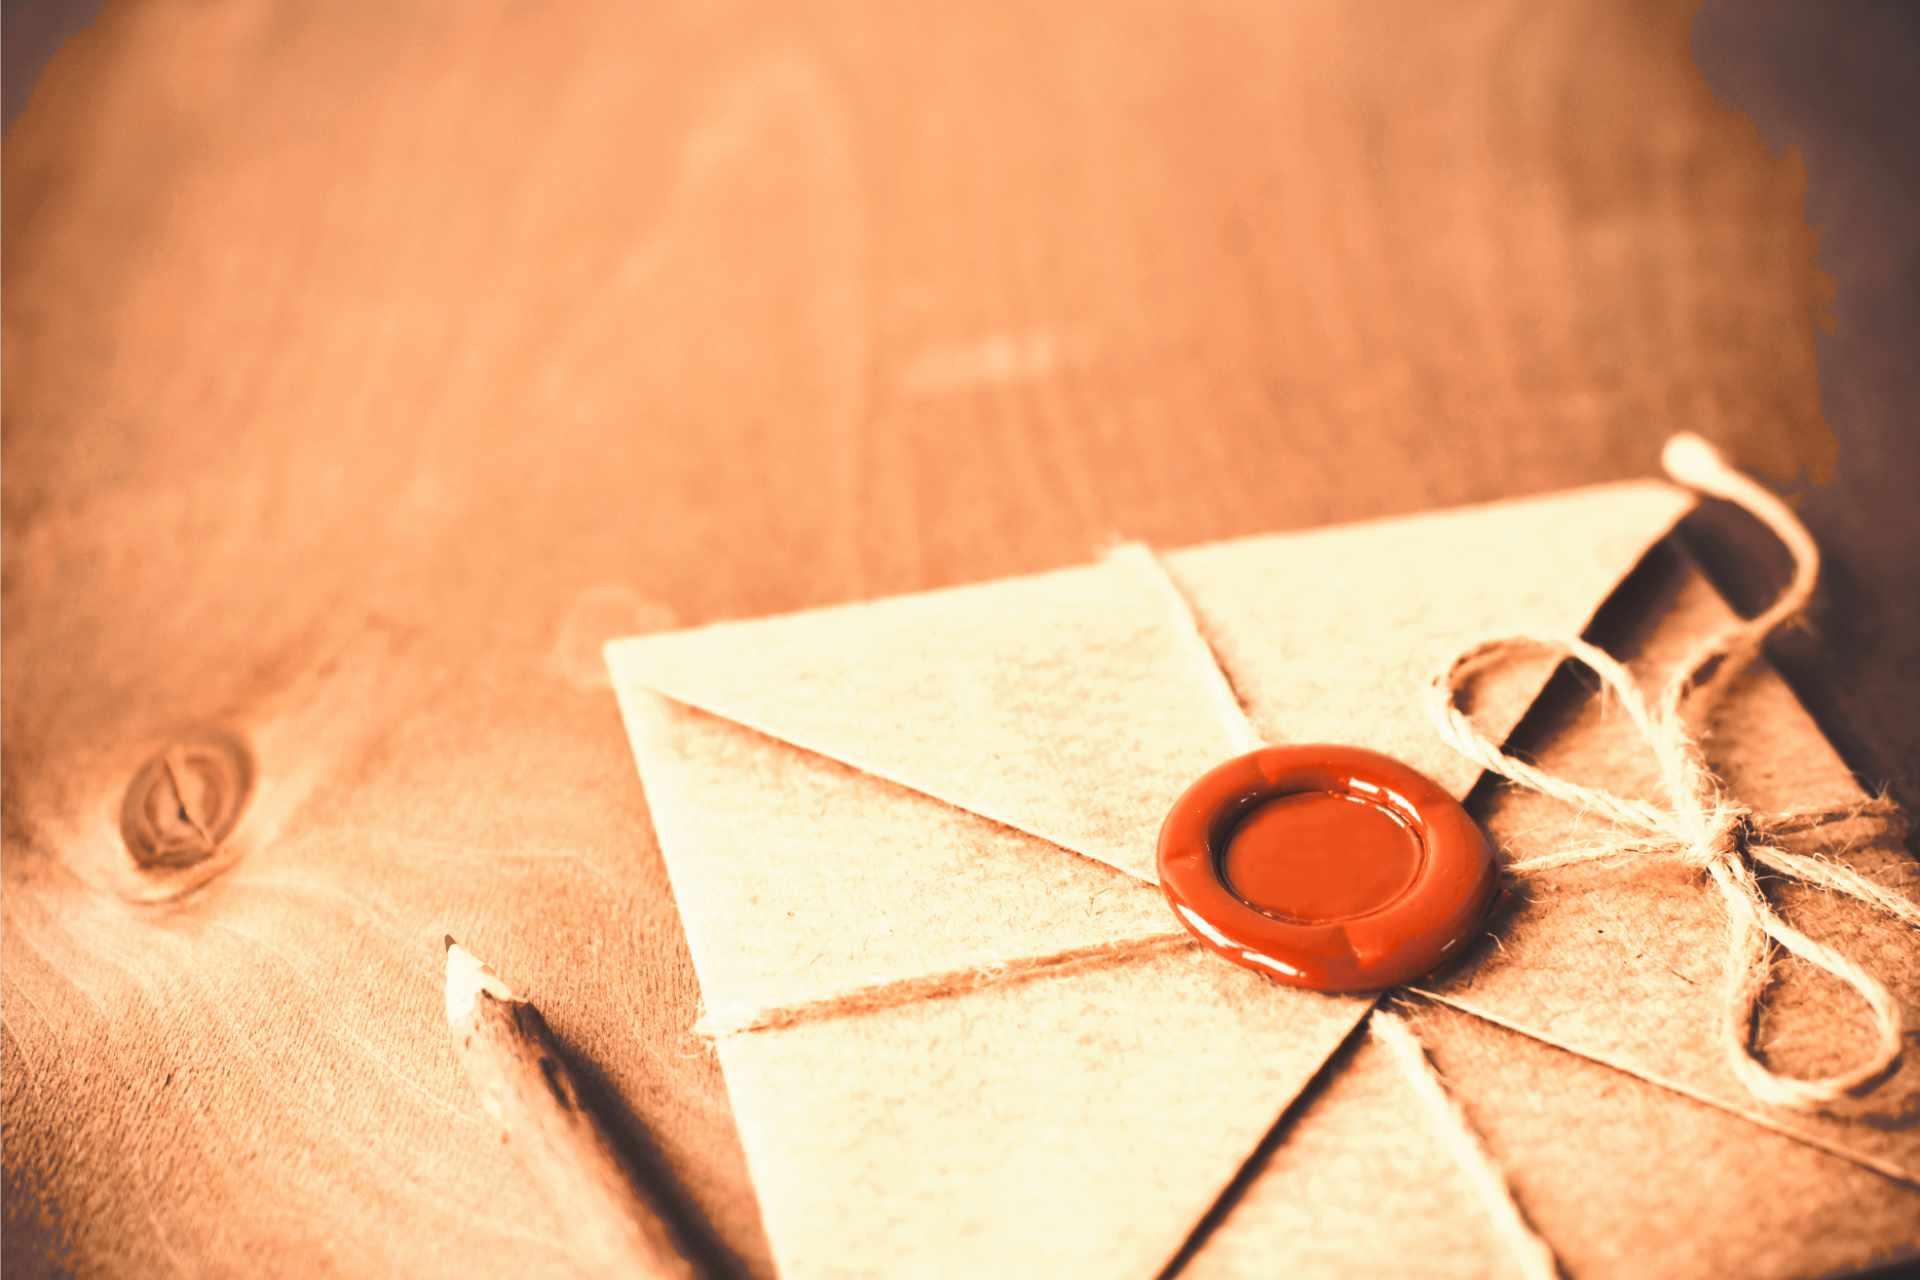 enveloppe fermer à la cire avec un crayon en bois